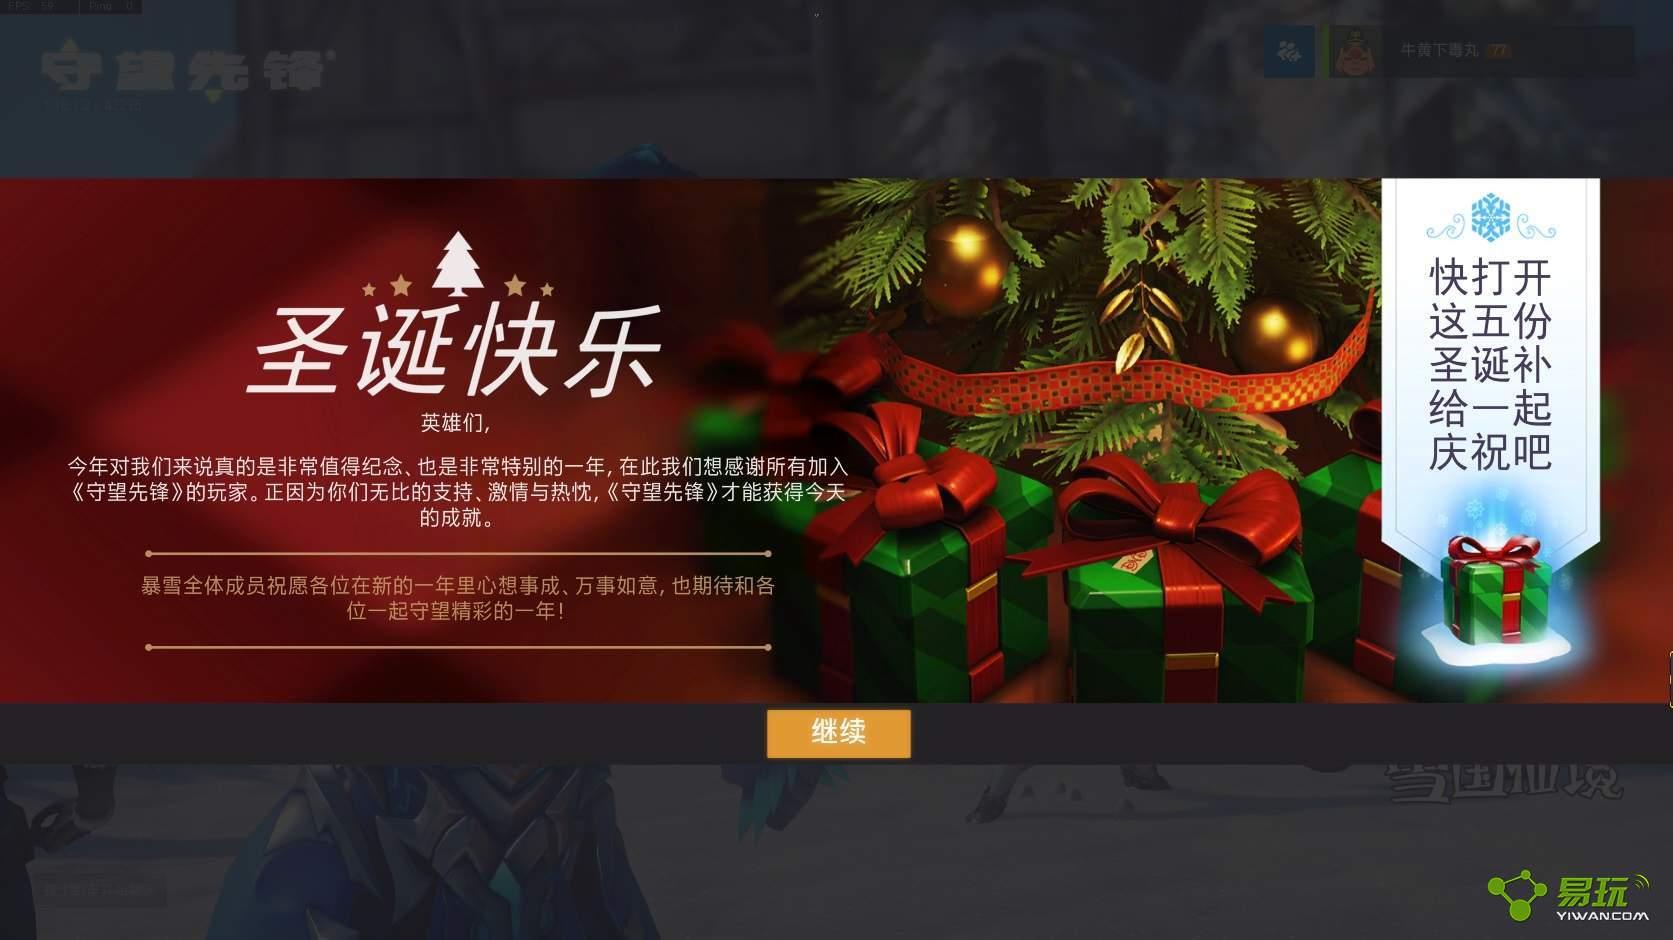 守望先锋圣诞送好礼 登录免费领取5个圣诞补给箱